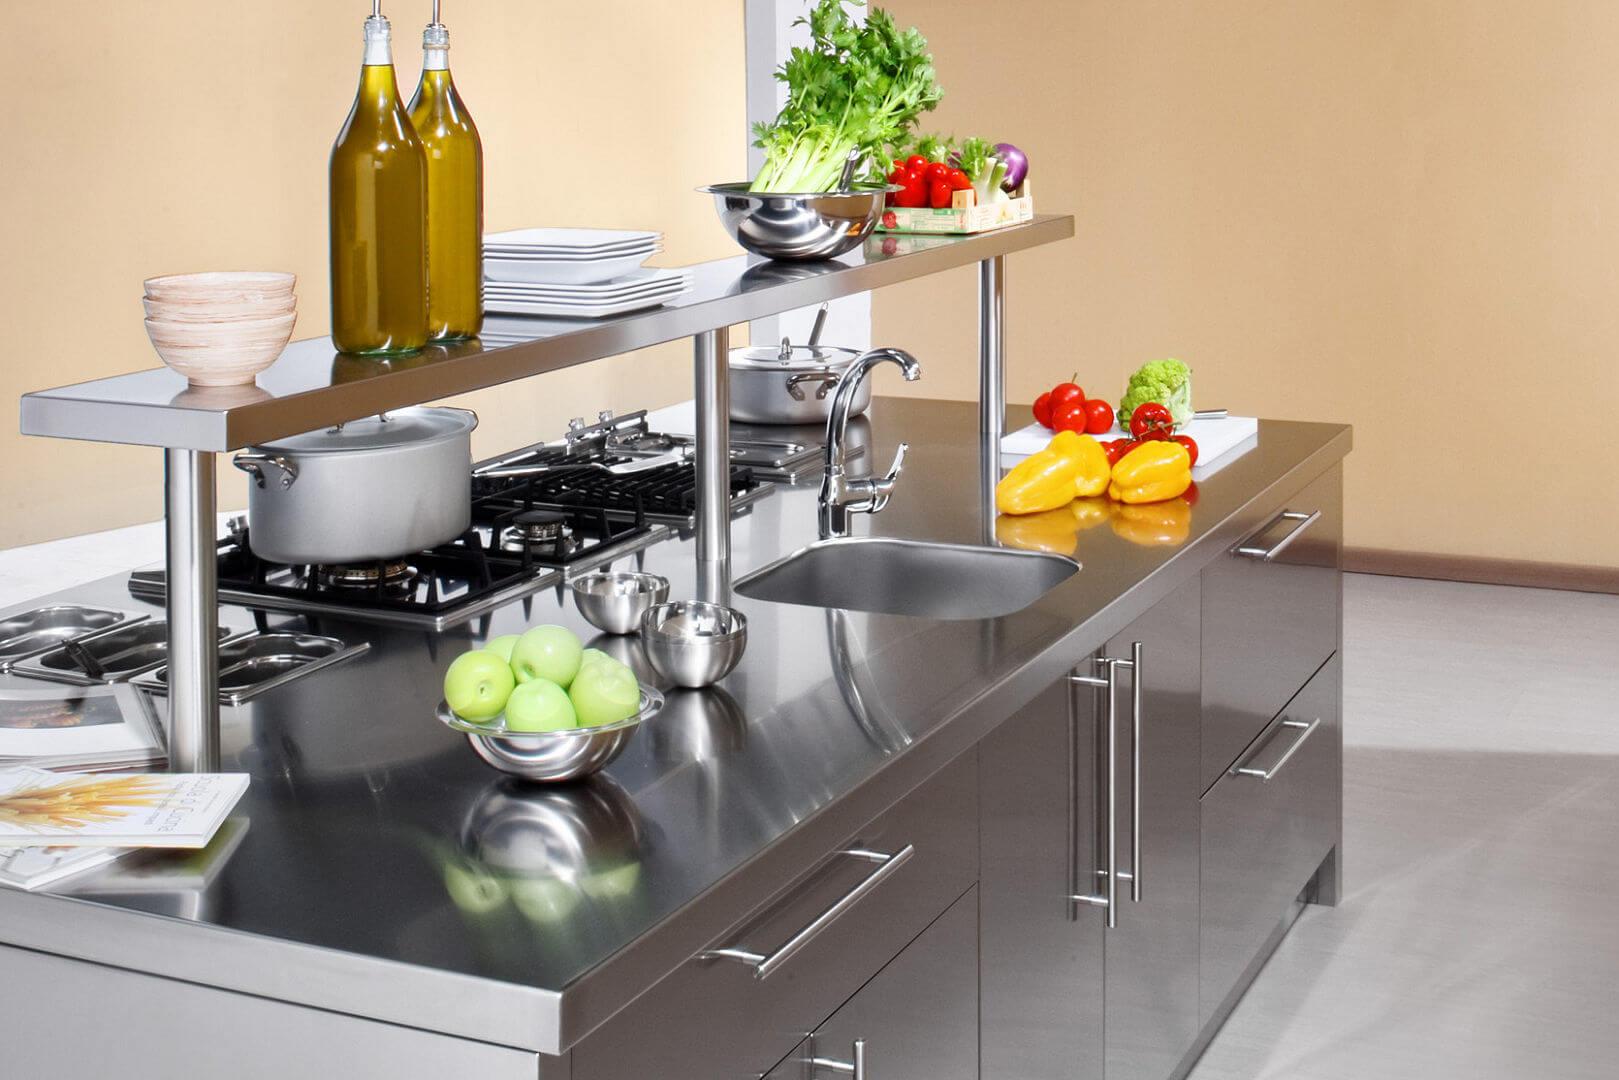 Work Station - Arca Cucine Italia - Cucine in Acciaio Inox